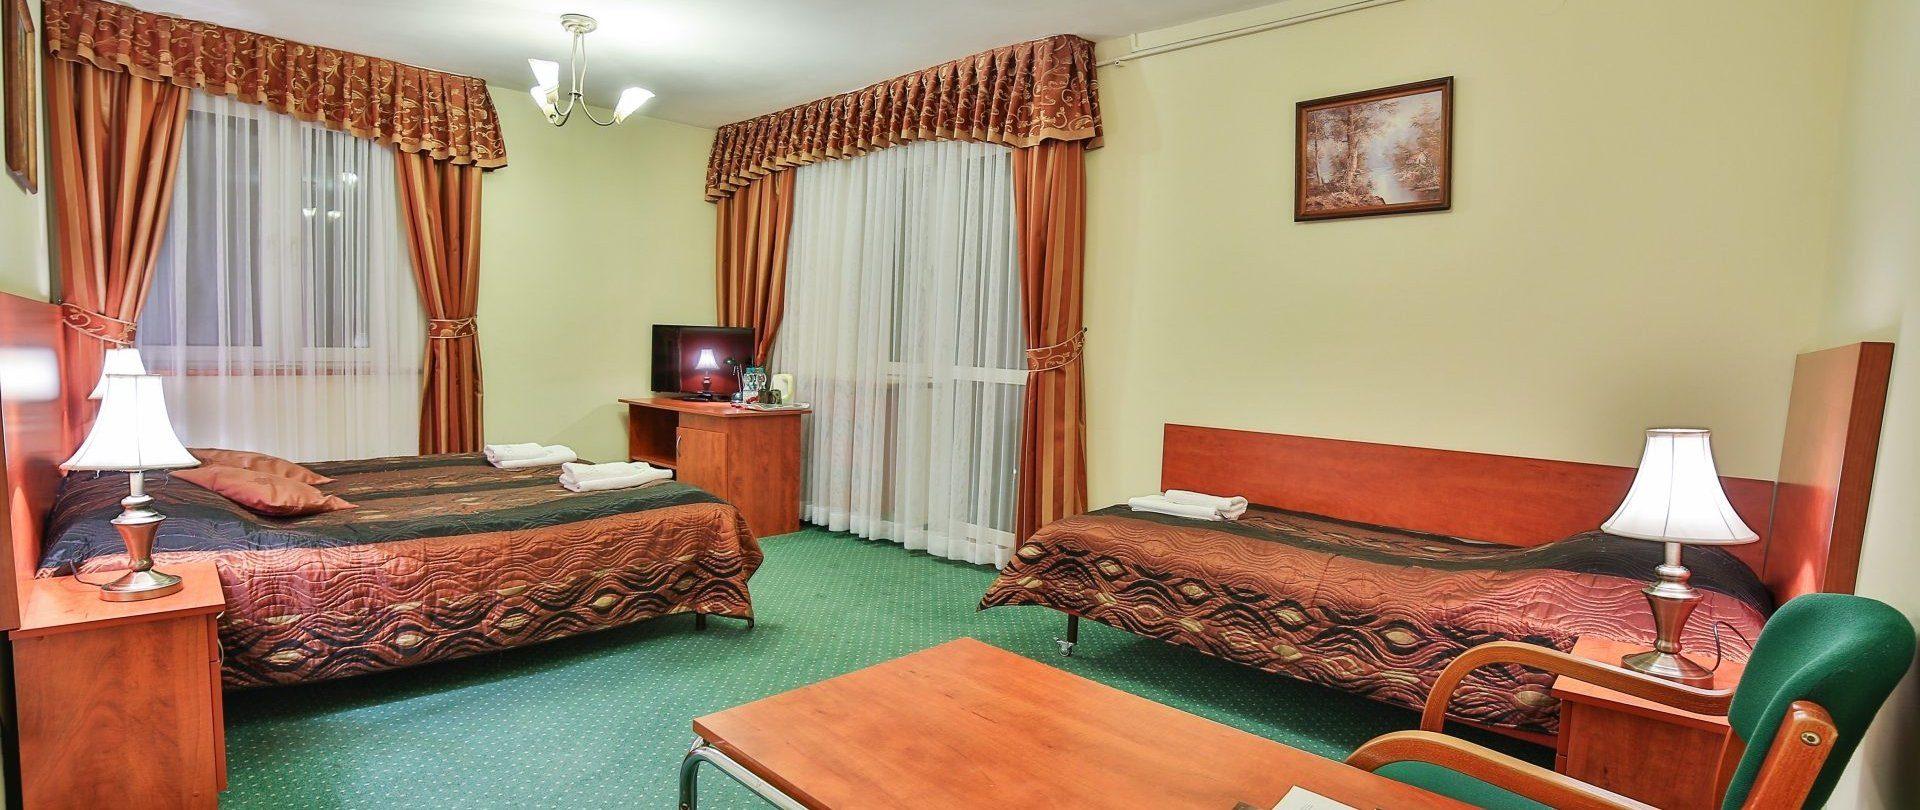 pokój 3-osobowy typu Deluxe